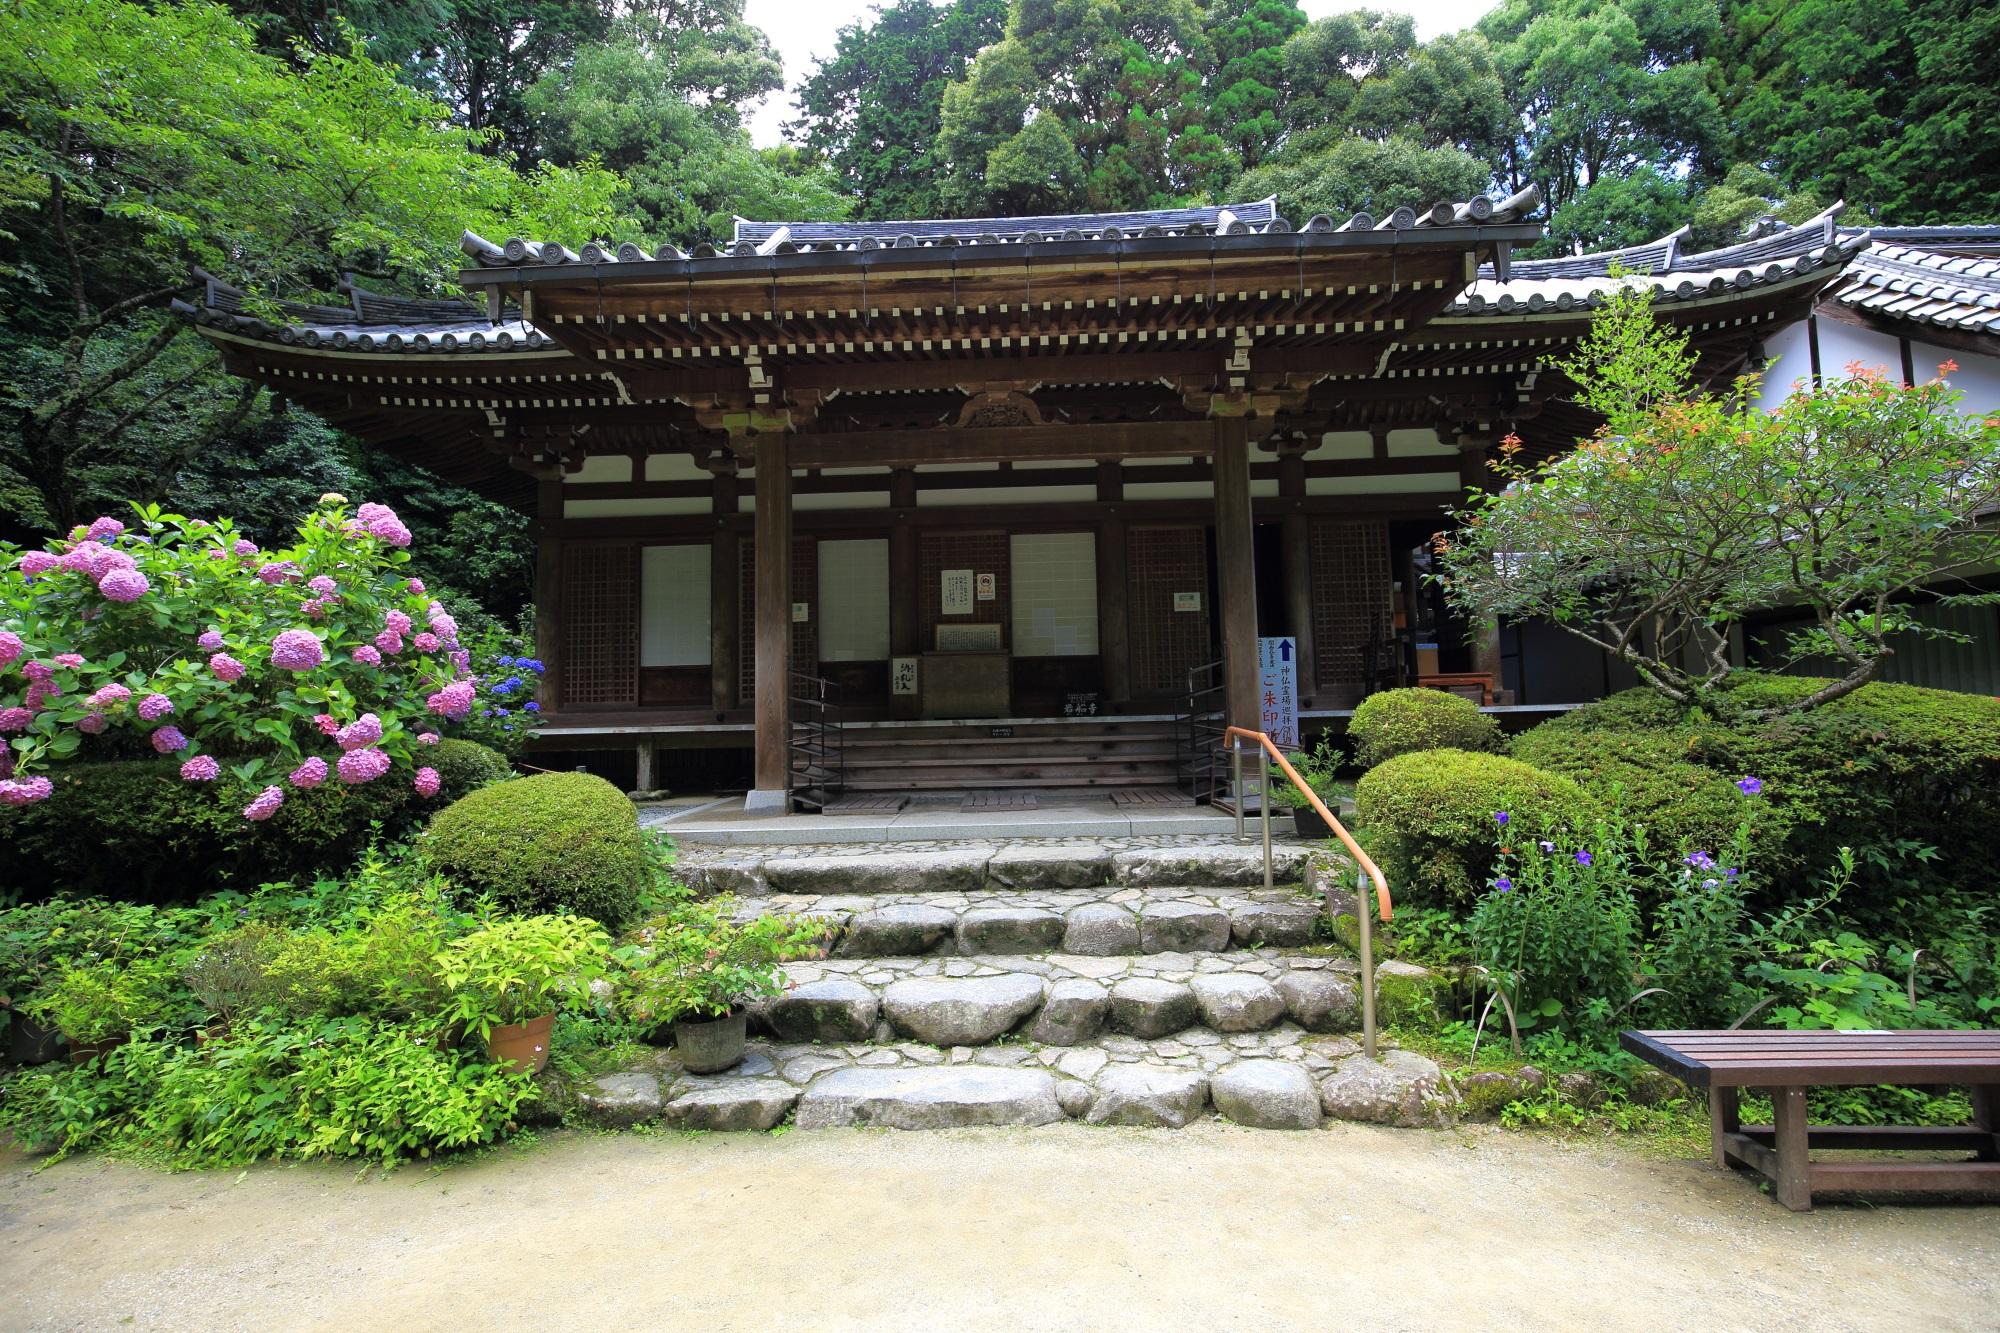 立派に構える岩船寺の本堂と紫陽花